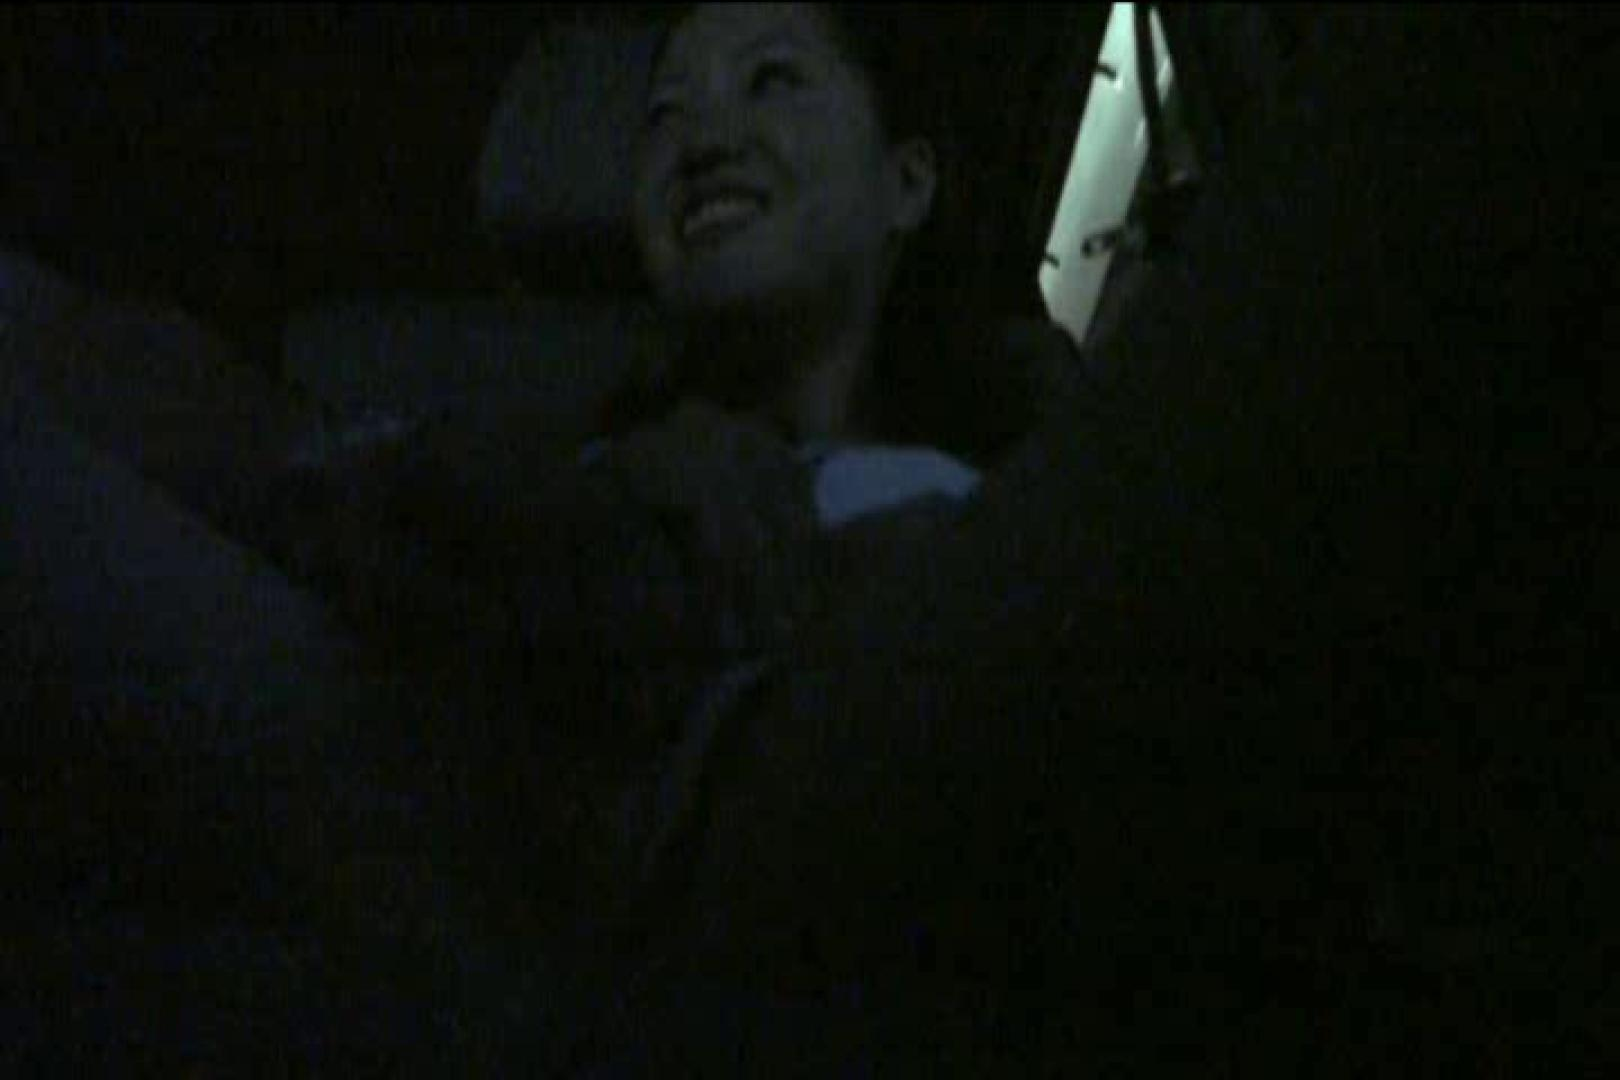 車内で初めまして! vol01 投稿 | ハプニング映像  102PIX 97